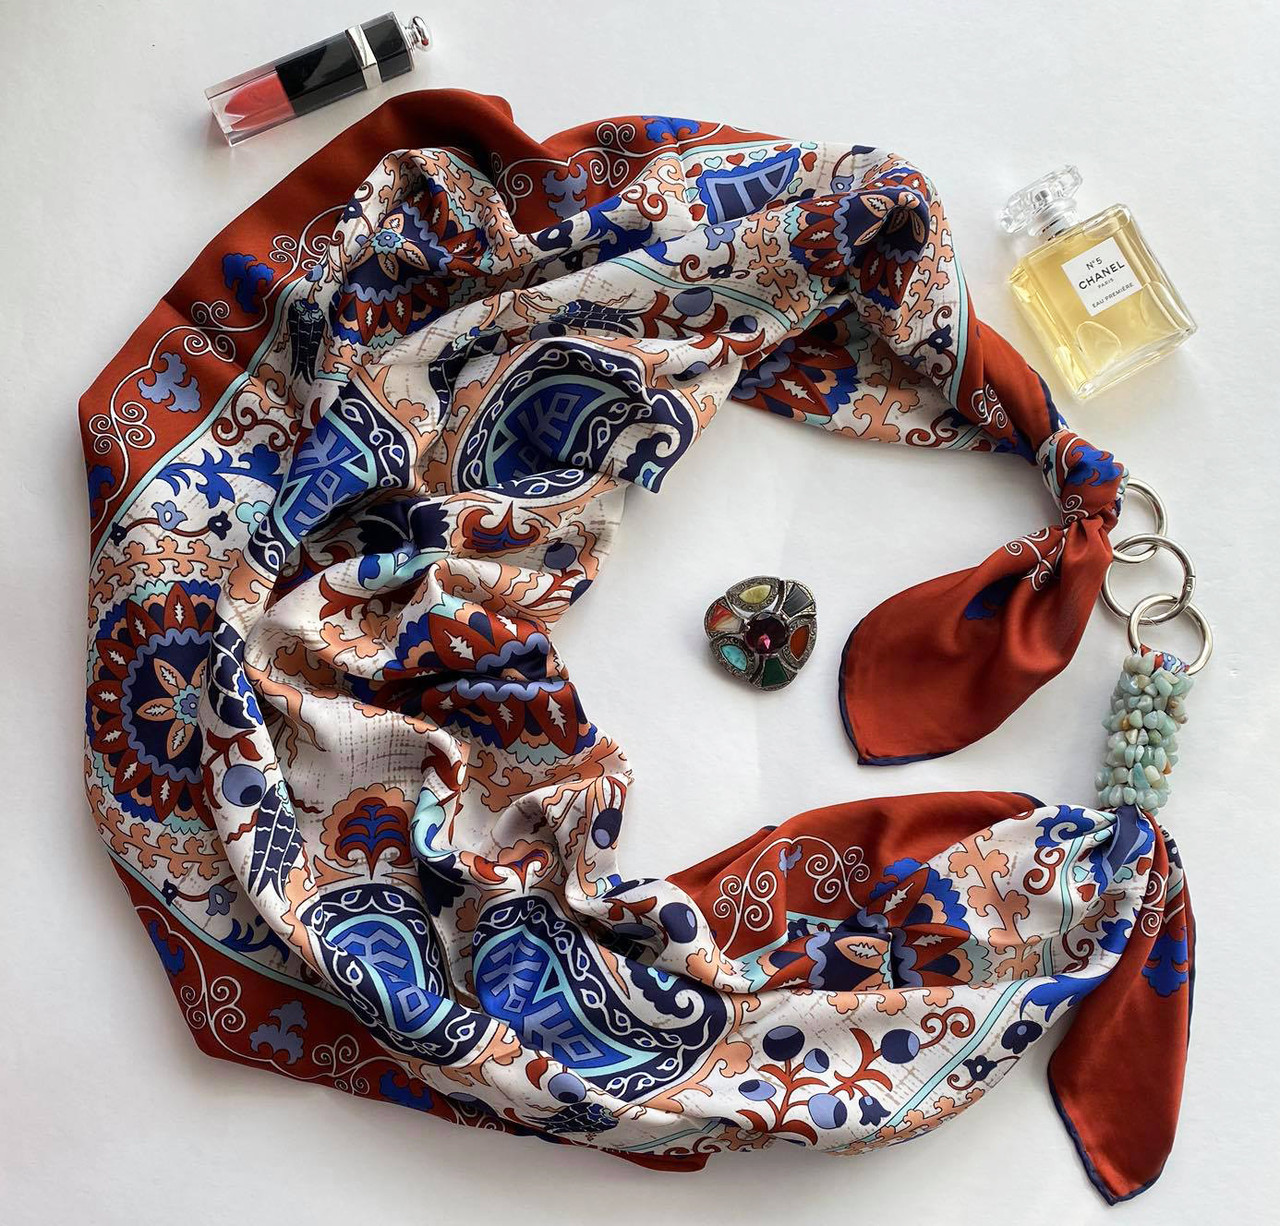 """Большой шелковый платок """"бирюзовые грезы"""" от my scarf, подарок женщине. премиум коллекция!"""